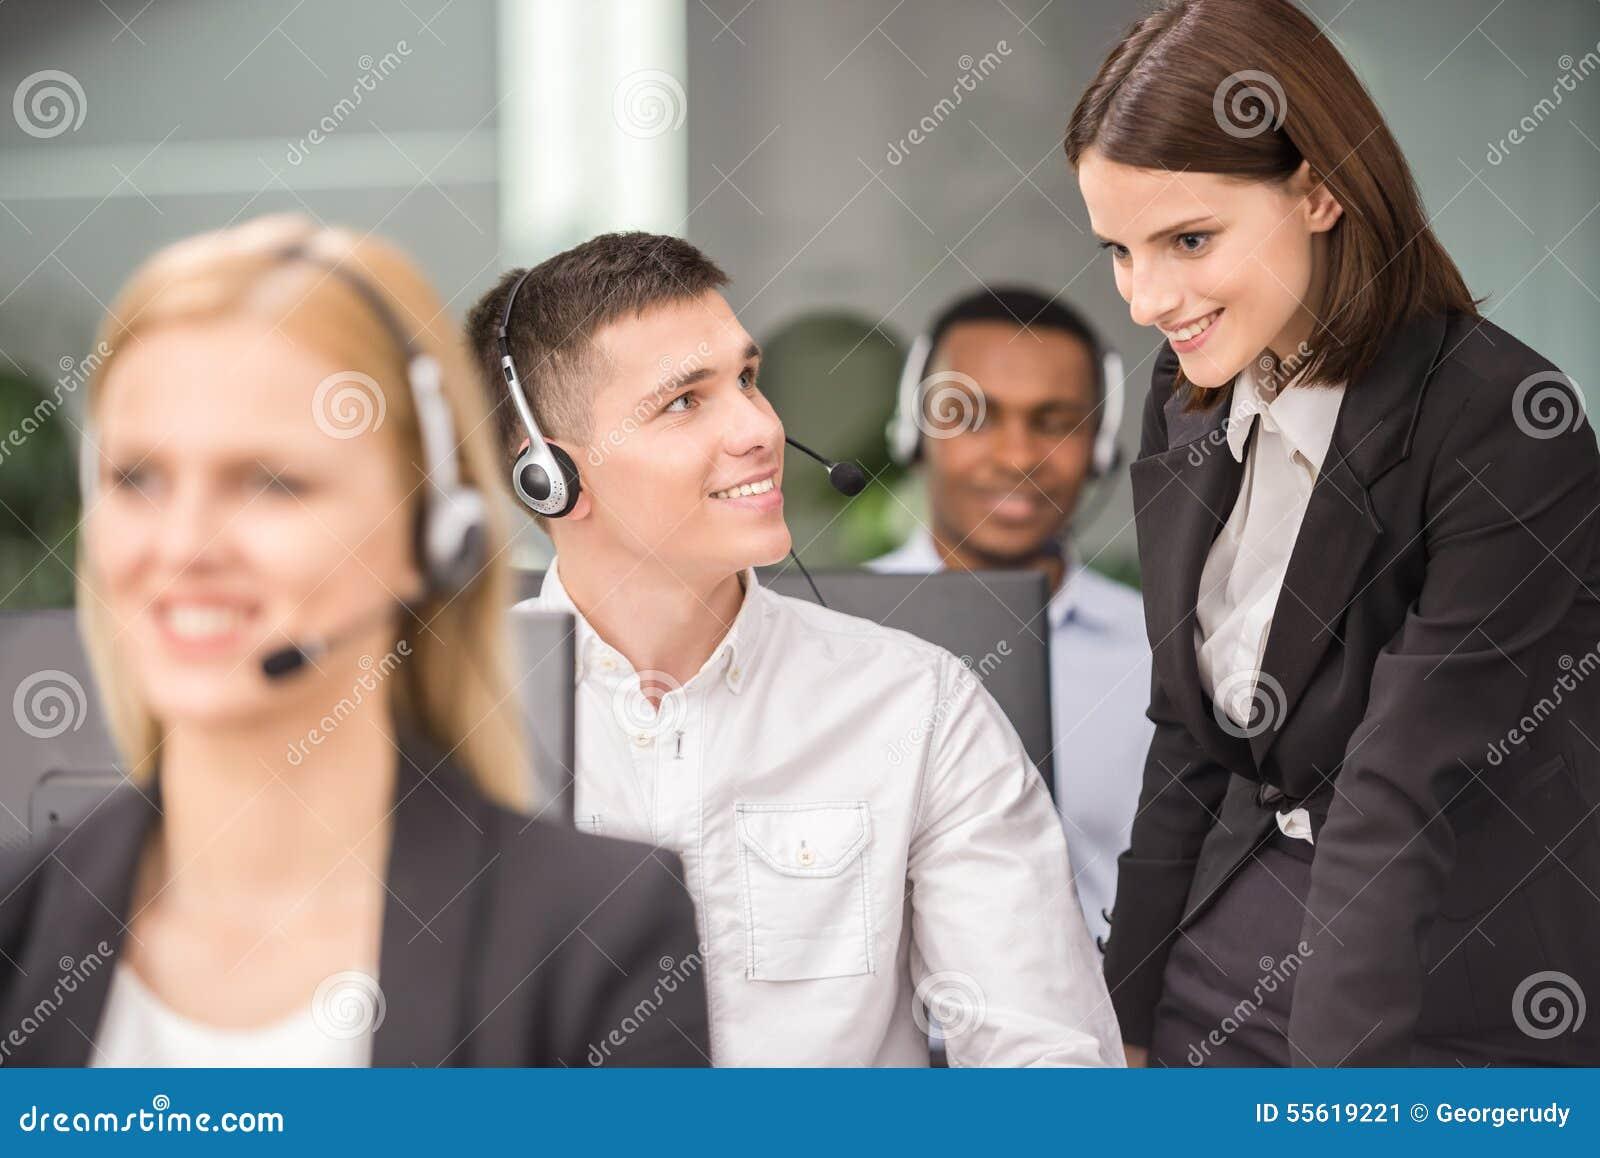 Centro de atención telefónica